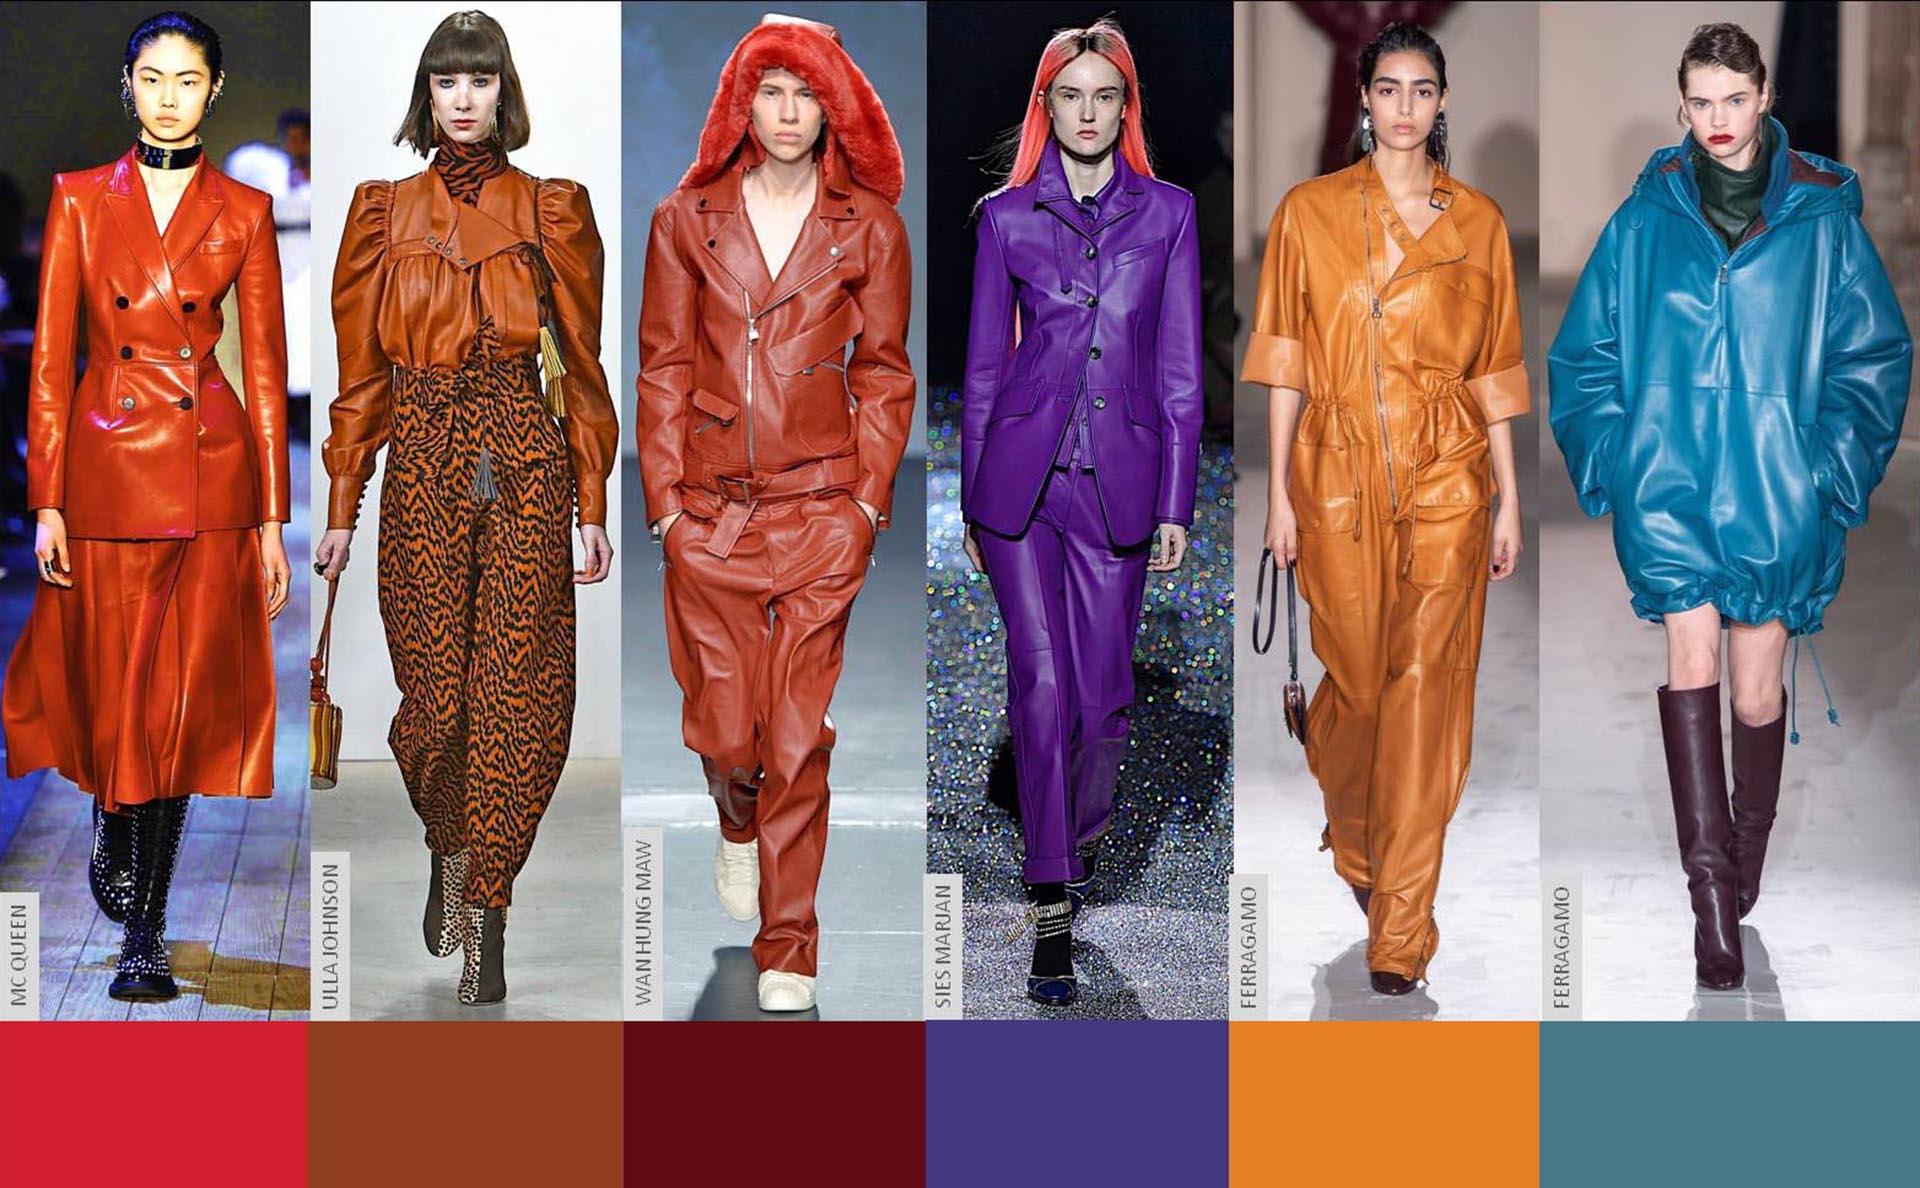 #PARA TI - COLOR - Moda - 07 - GENTILEZA INTI